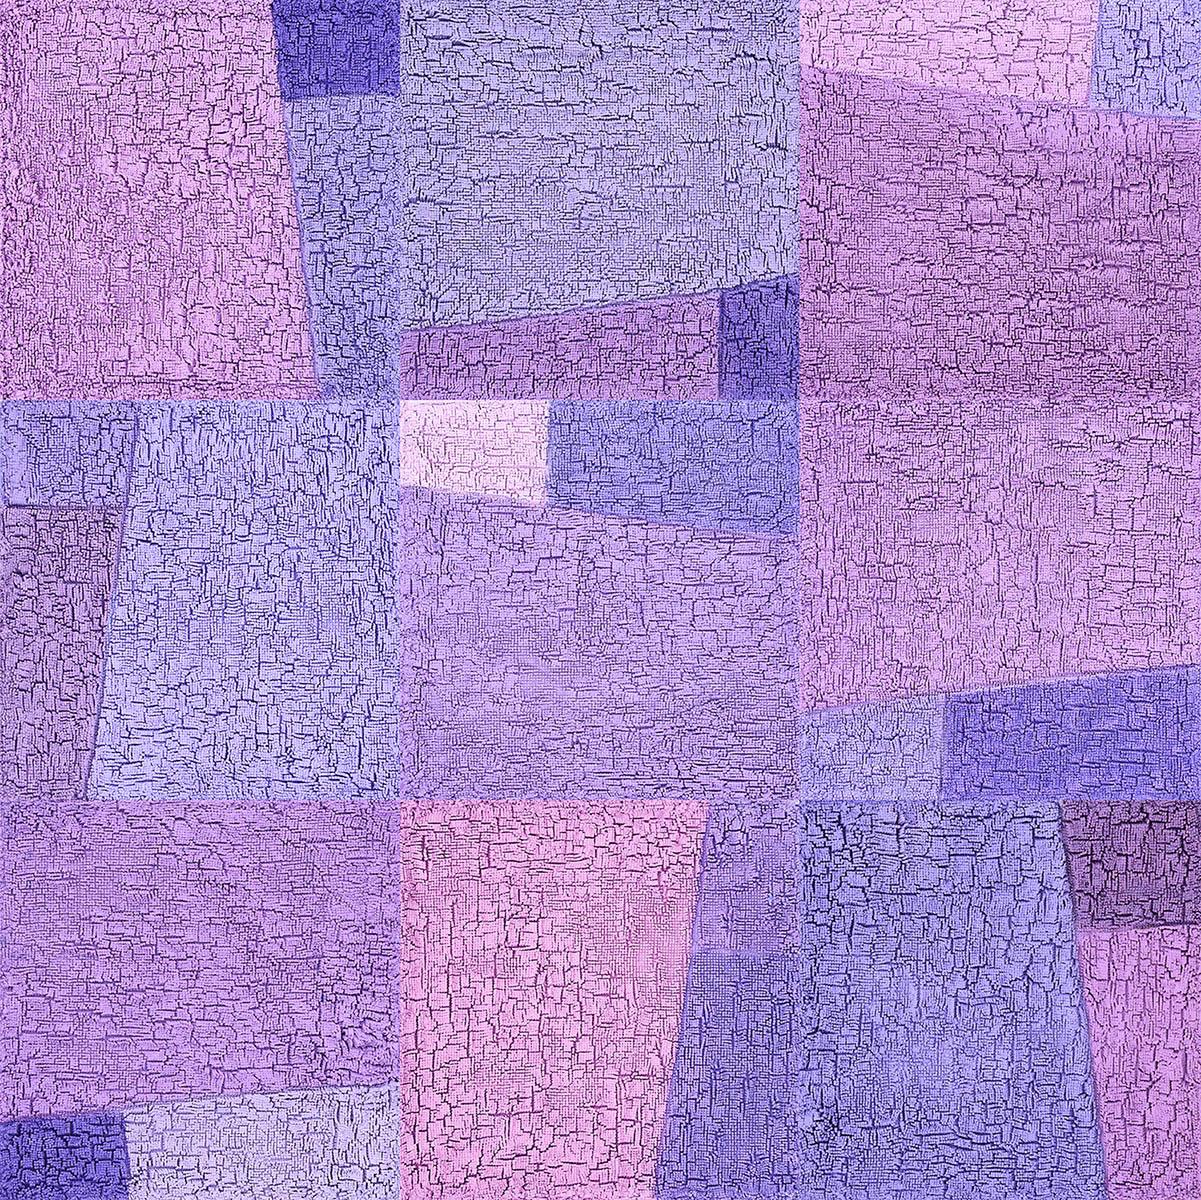 공존-밀알의 숲 150S︱181.8×181.8cm, Mixed materiais︱2020